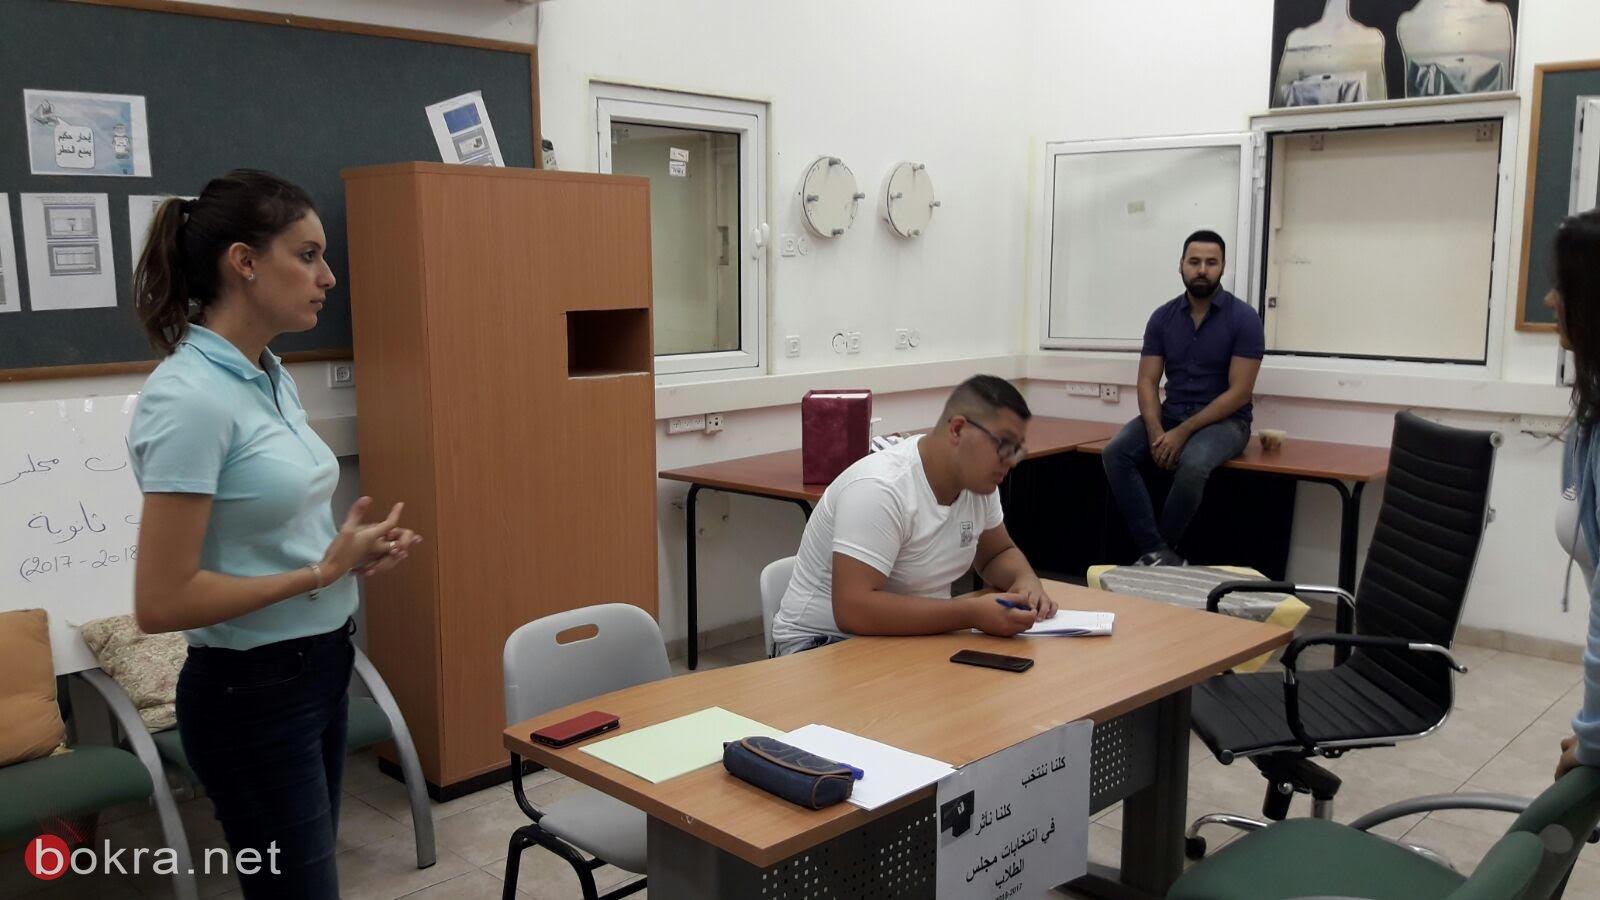 محمد فواخري رئيس مجلس الطّلاب في ثانويّة الكرمة العلميّة